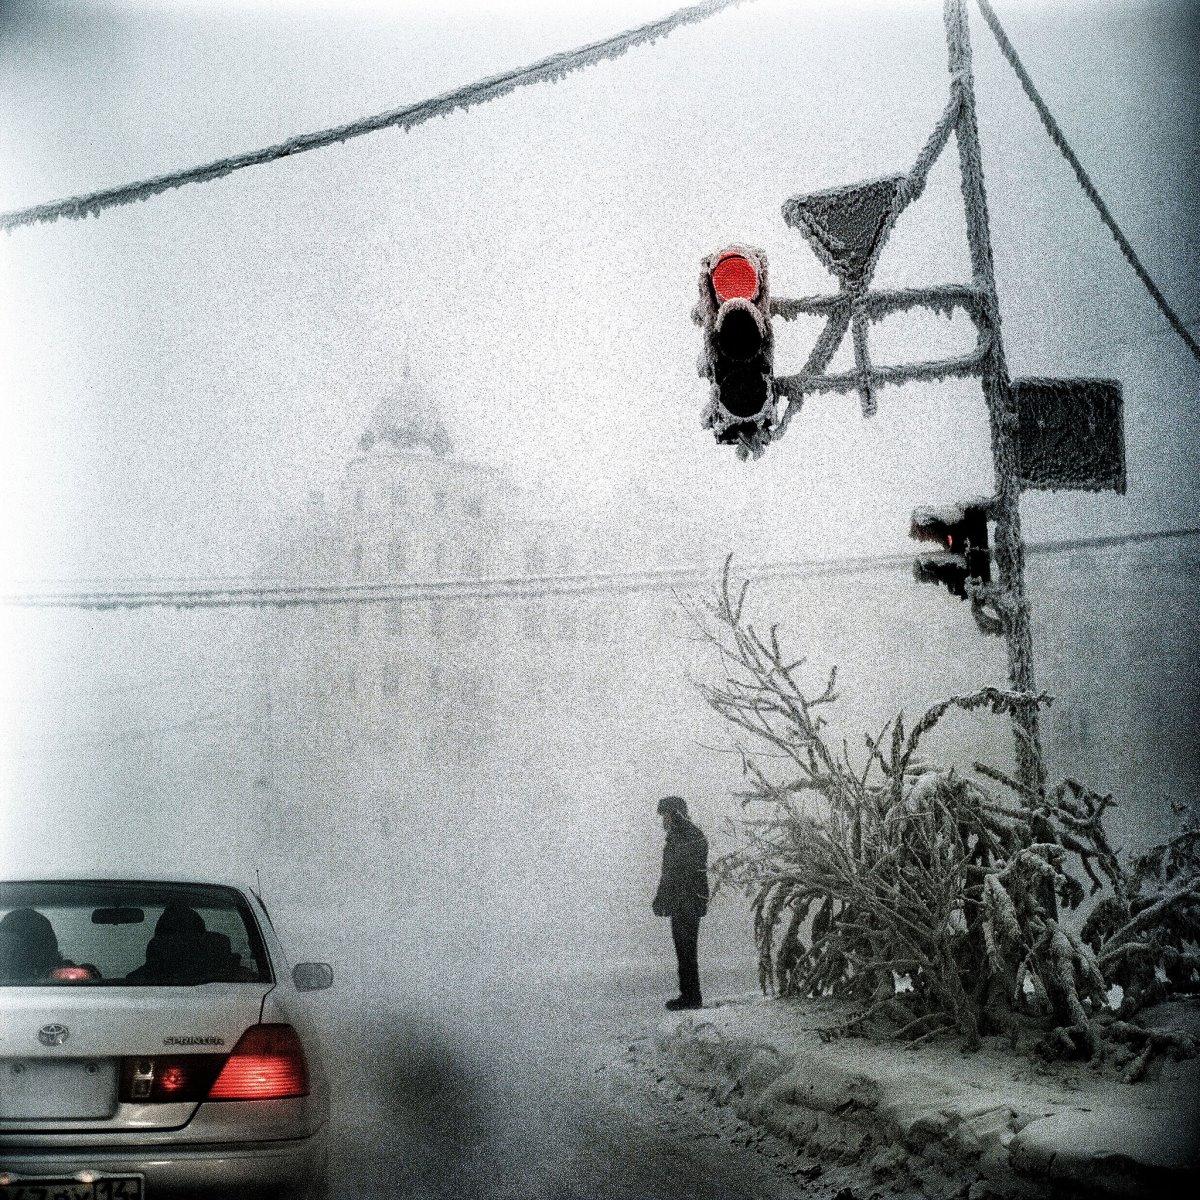 πολικό ψύχος και -41 βαθμοί Κελσίου στο Yakutsk Σιβηρία την πιο κρύα πόλη